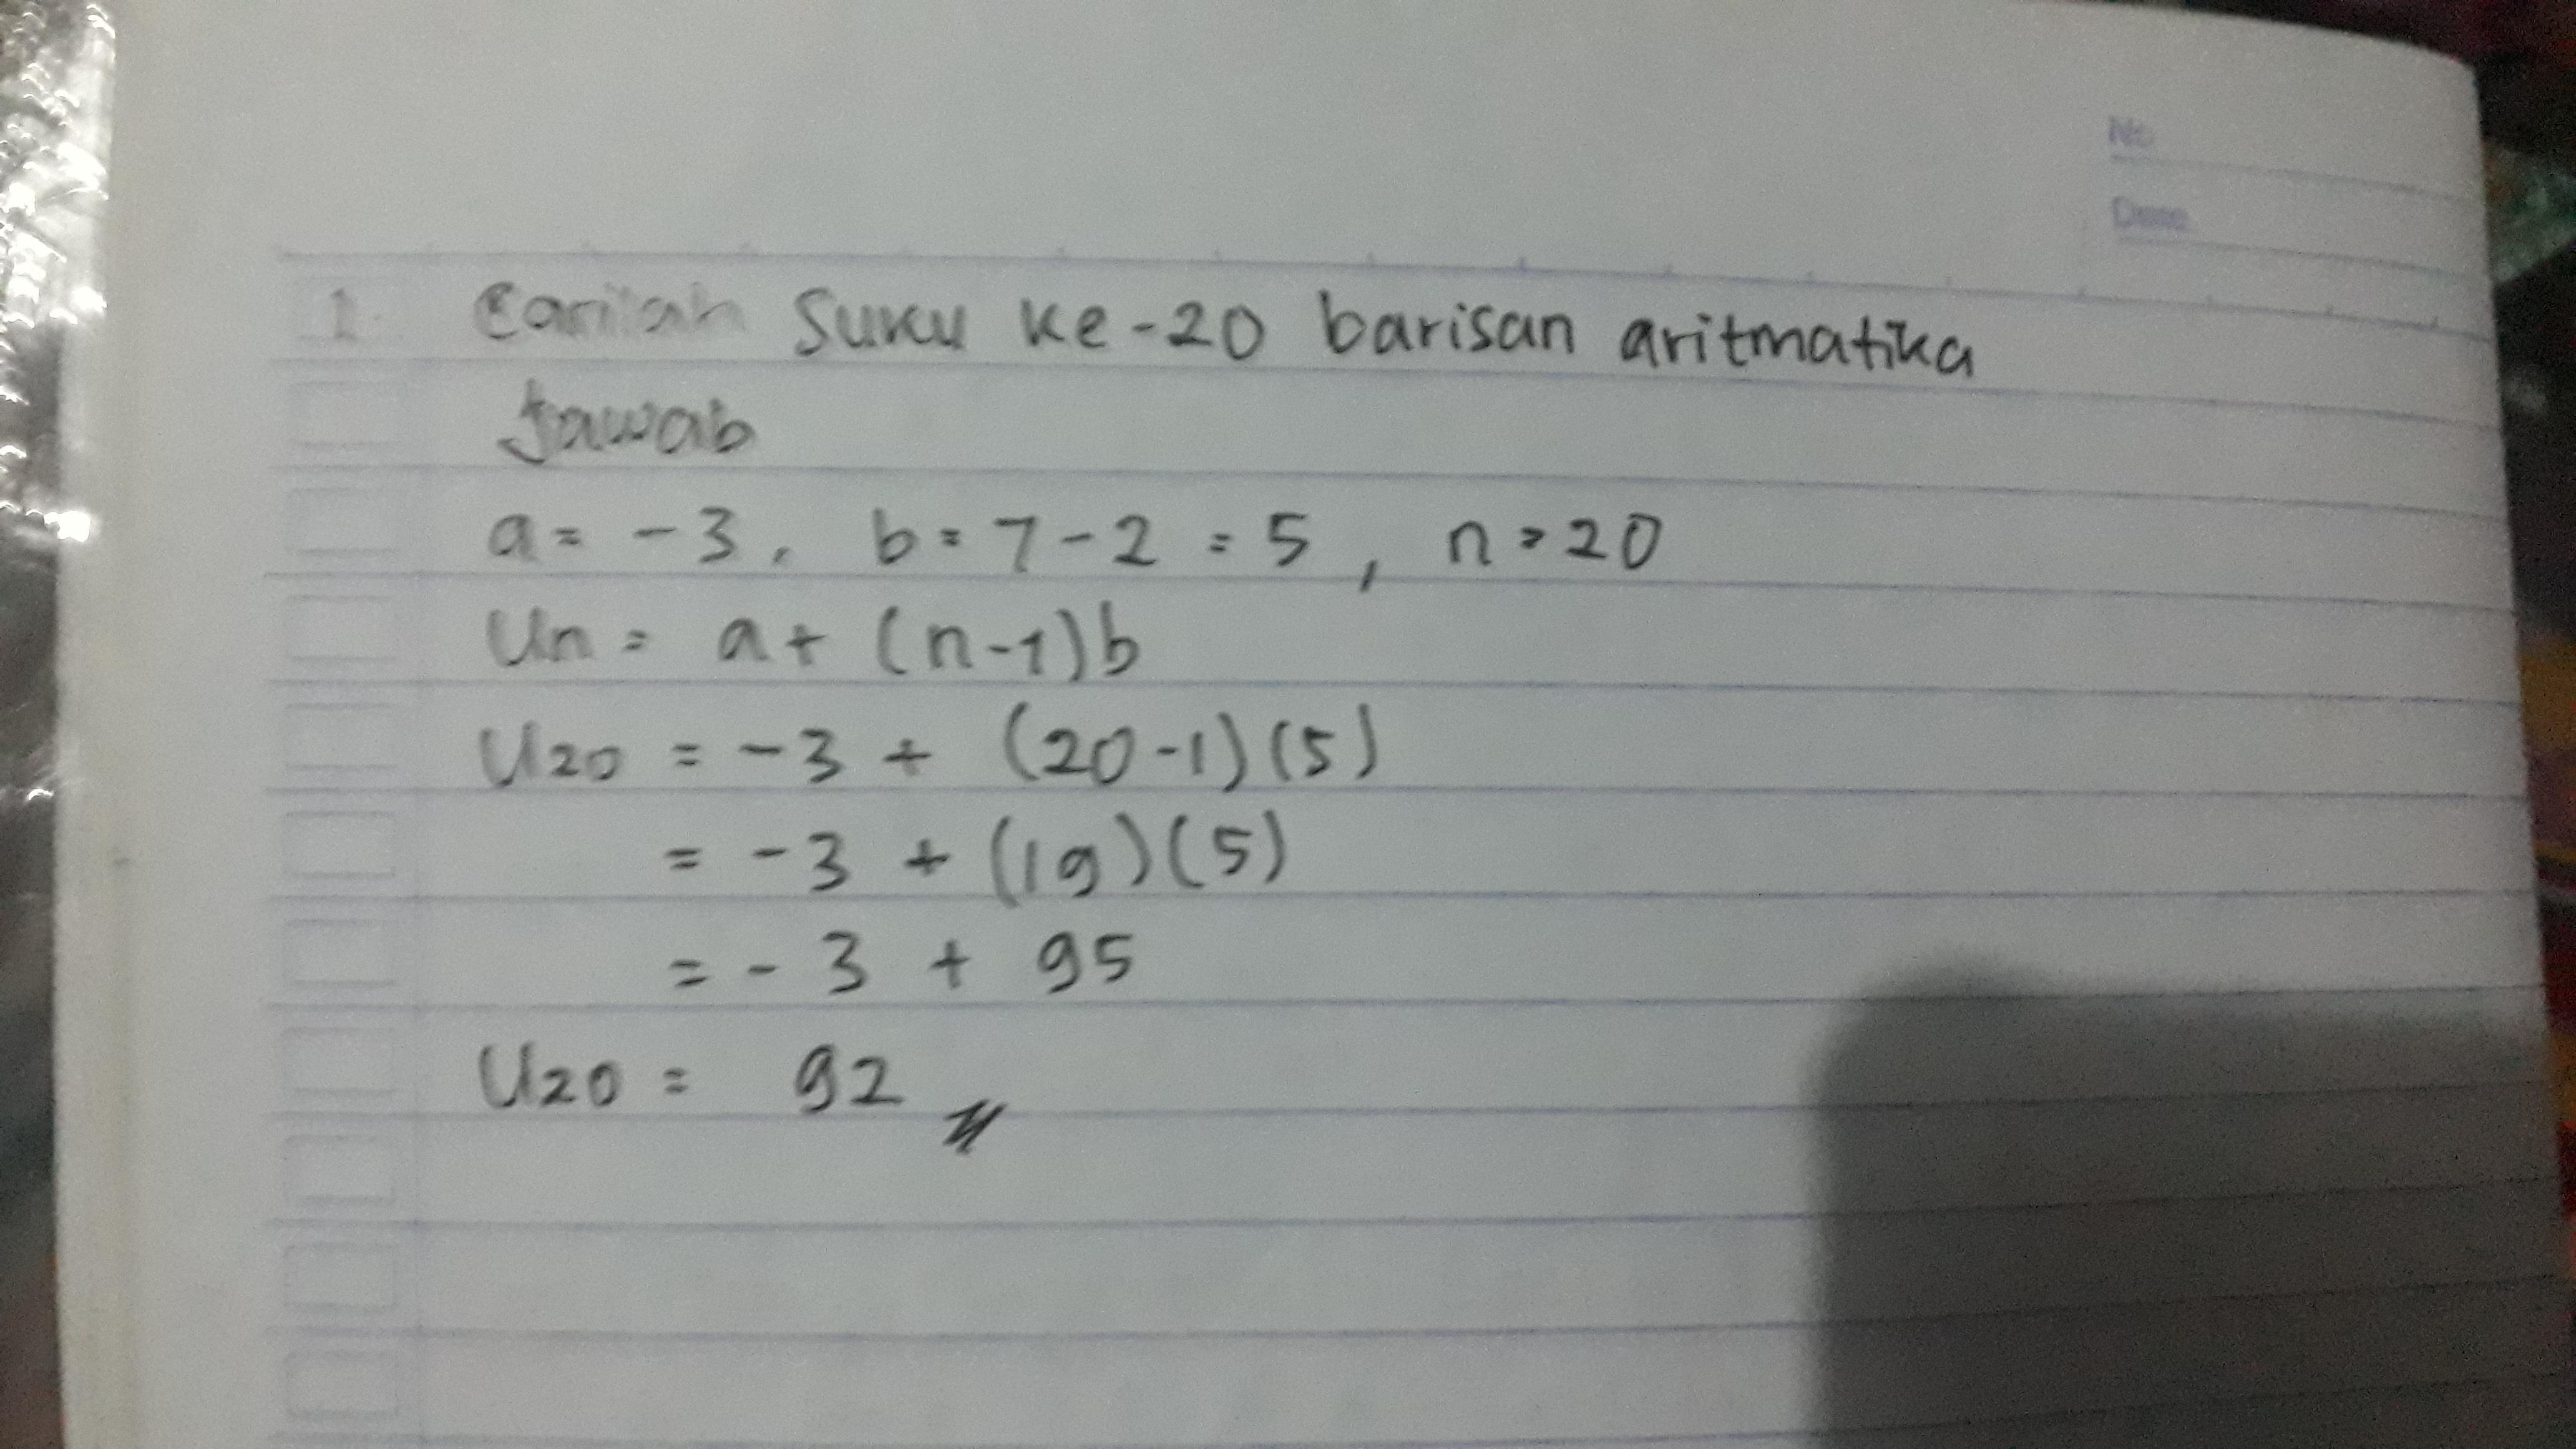 Contoh soal psikotes tes potensi akademik aritmatika beserta kunci jawaban dan tips nya nintendo switch logos. Aritmatika Adalah Brainly Siswapelajar Com